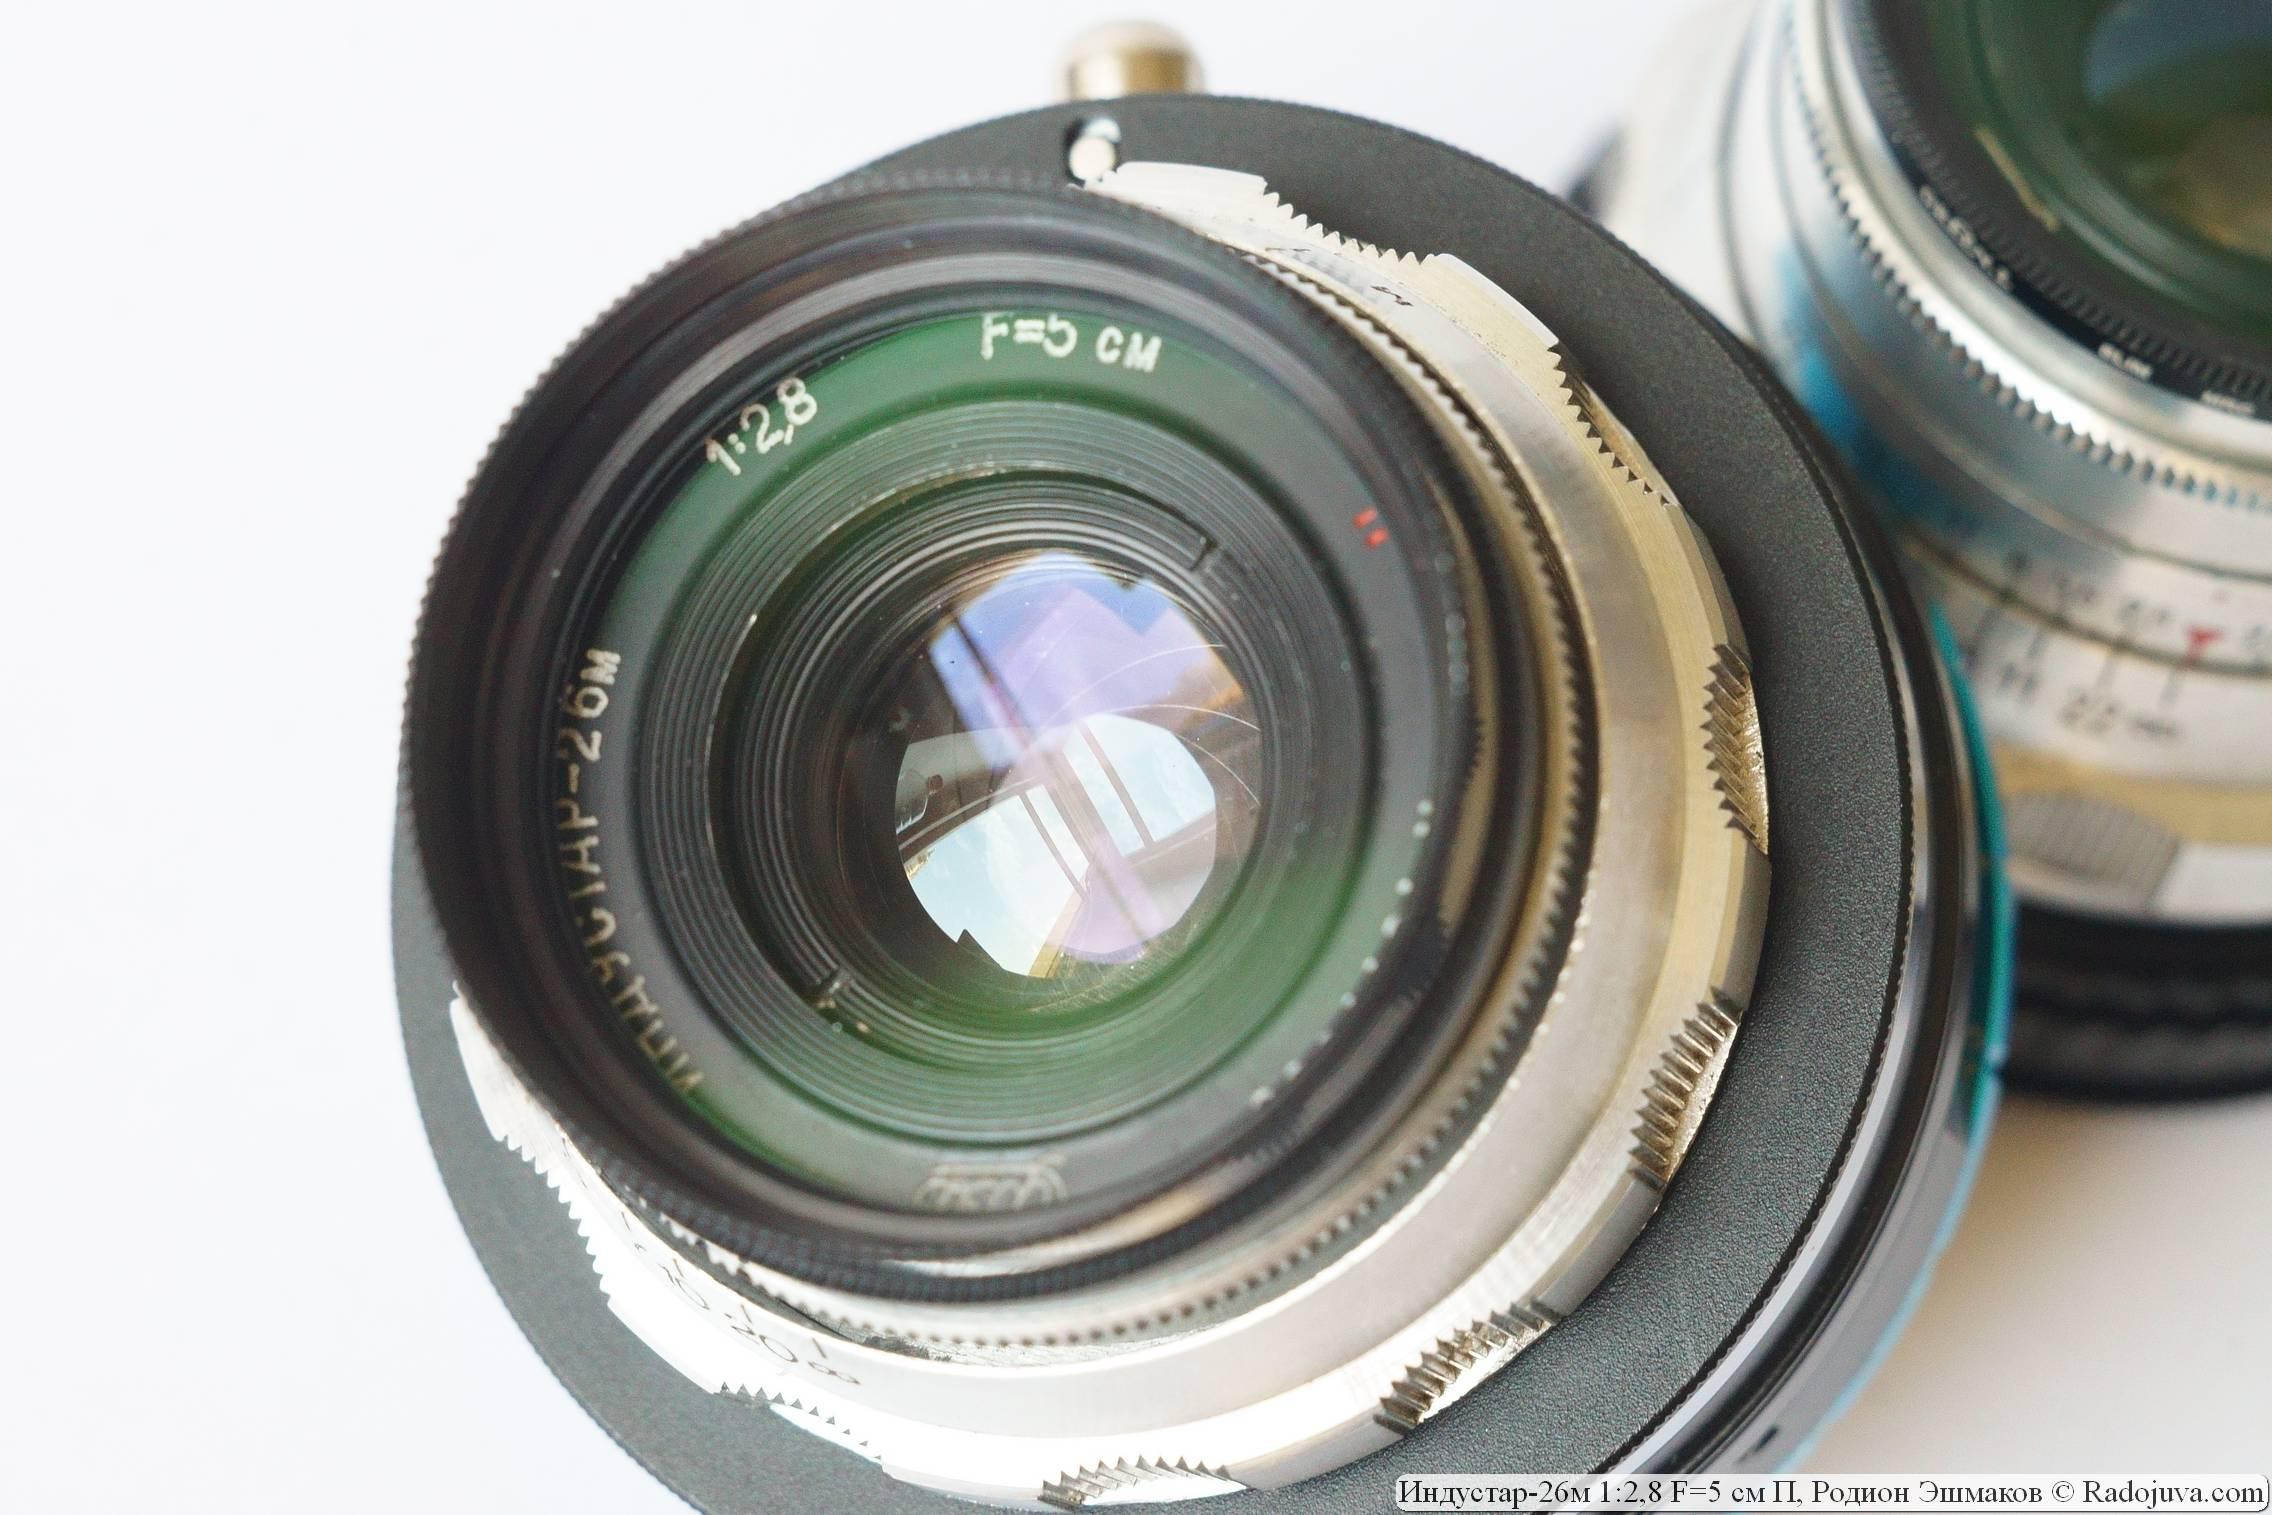 Из любимых мною особенностей Индустар-26м — красивая и круглая диафрагма и изящный компактный корпус.